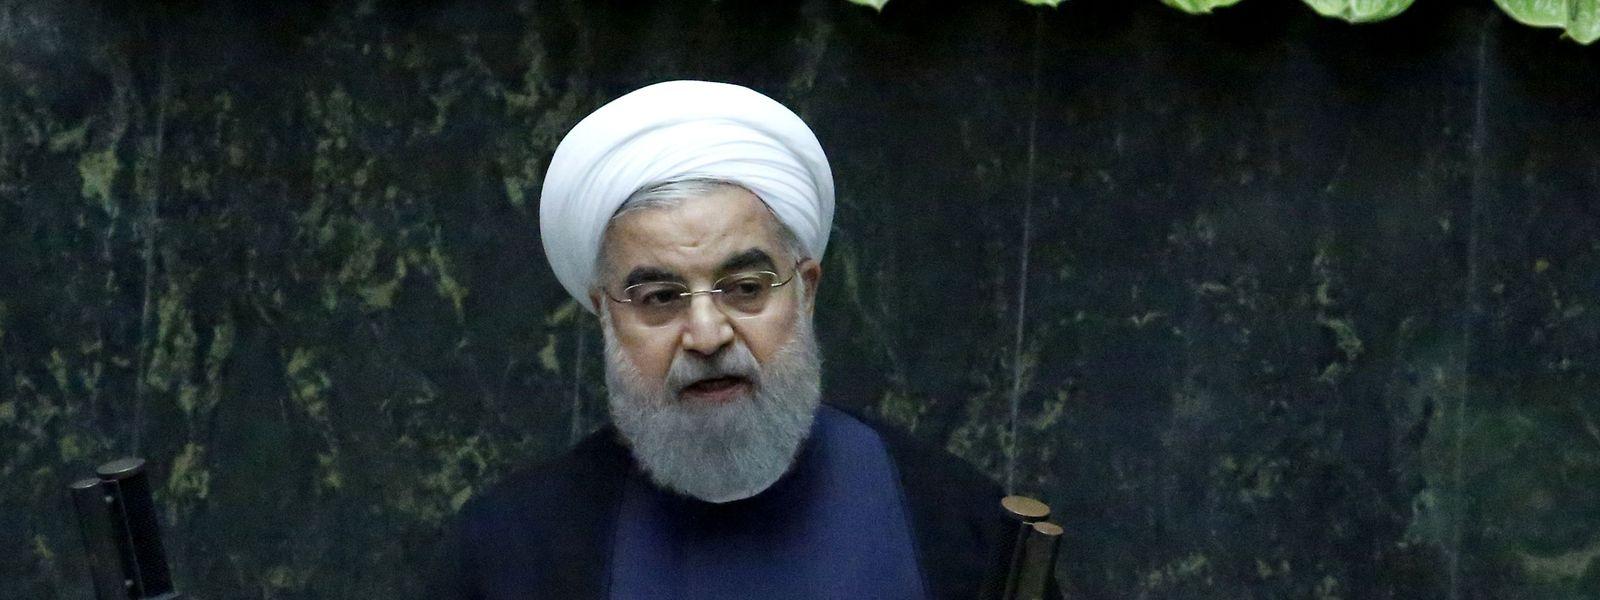 Der iranische Präsident Hassan Ruhani warnte am Sonntag davor, das Wiener Abkommen innen- und außenpolitisch zu schwächen.